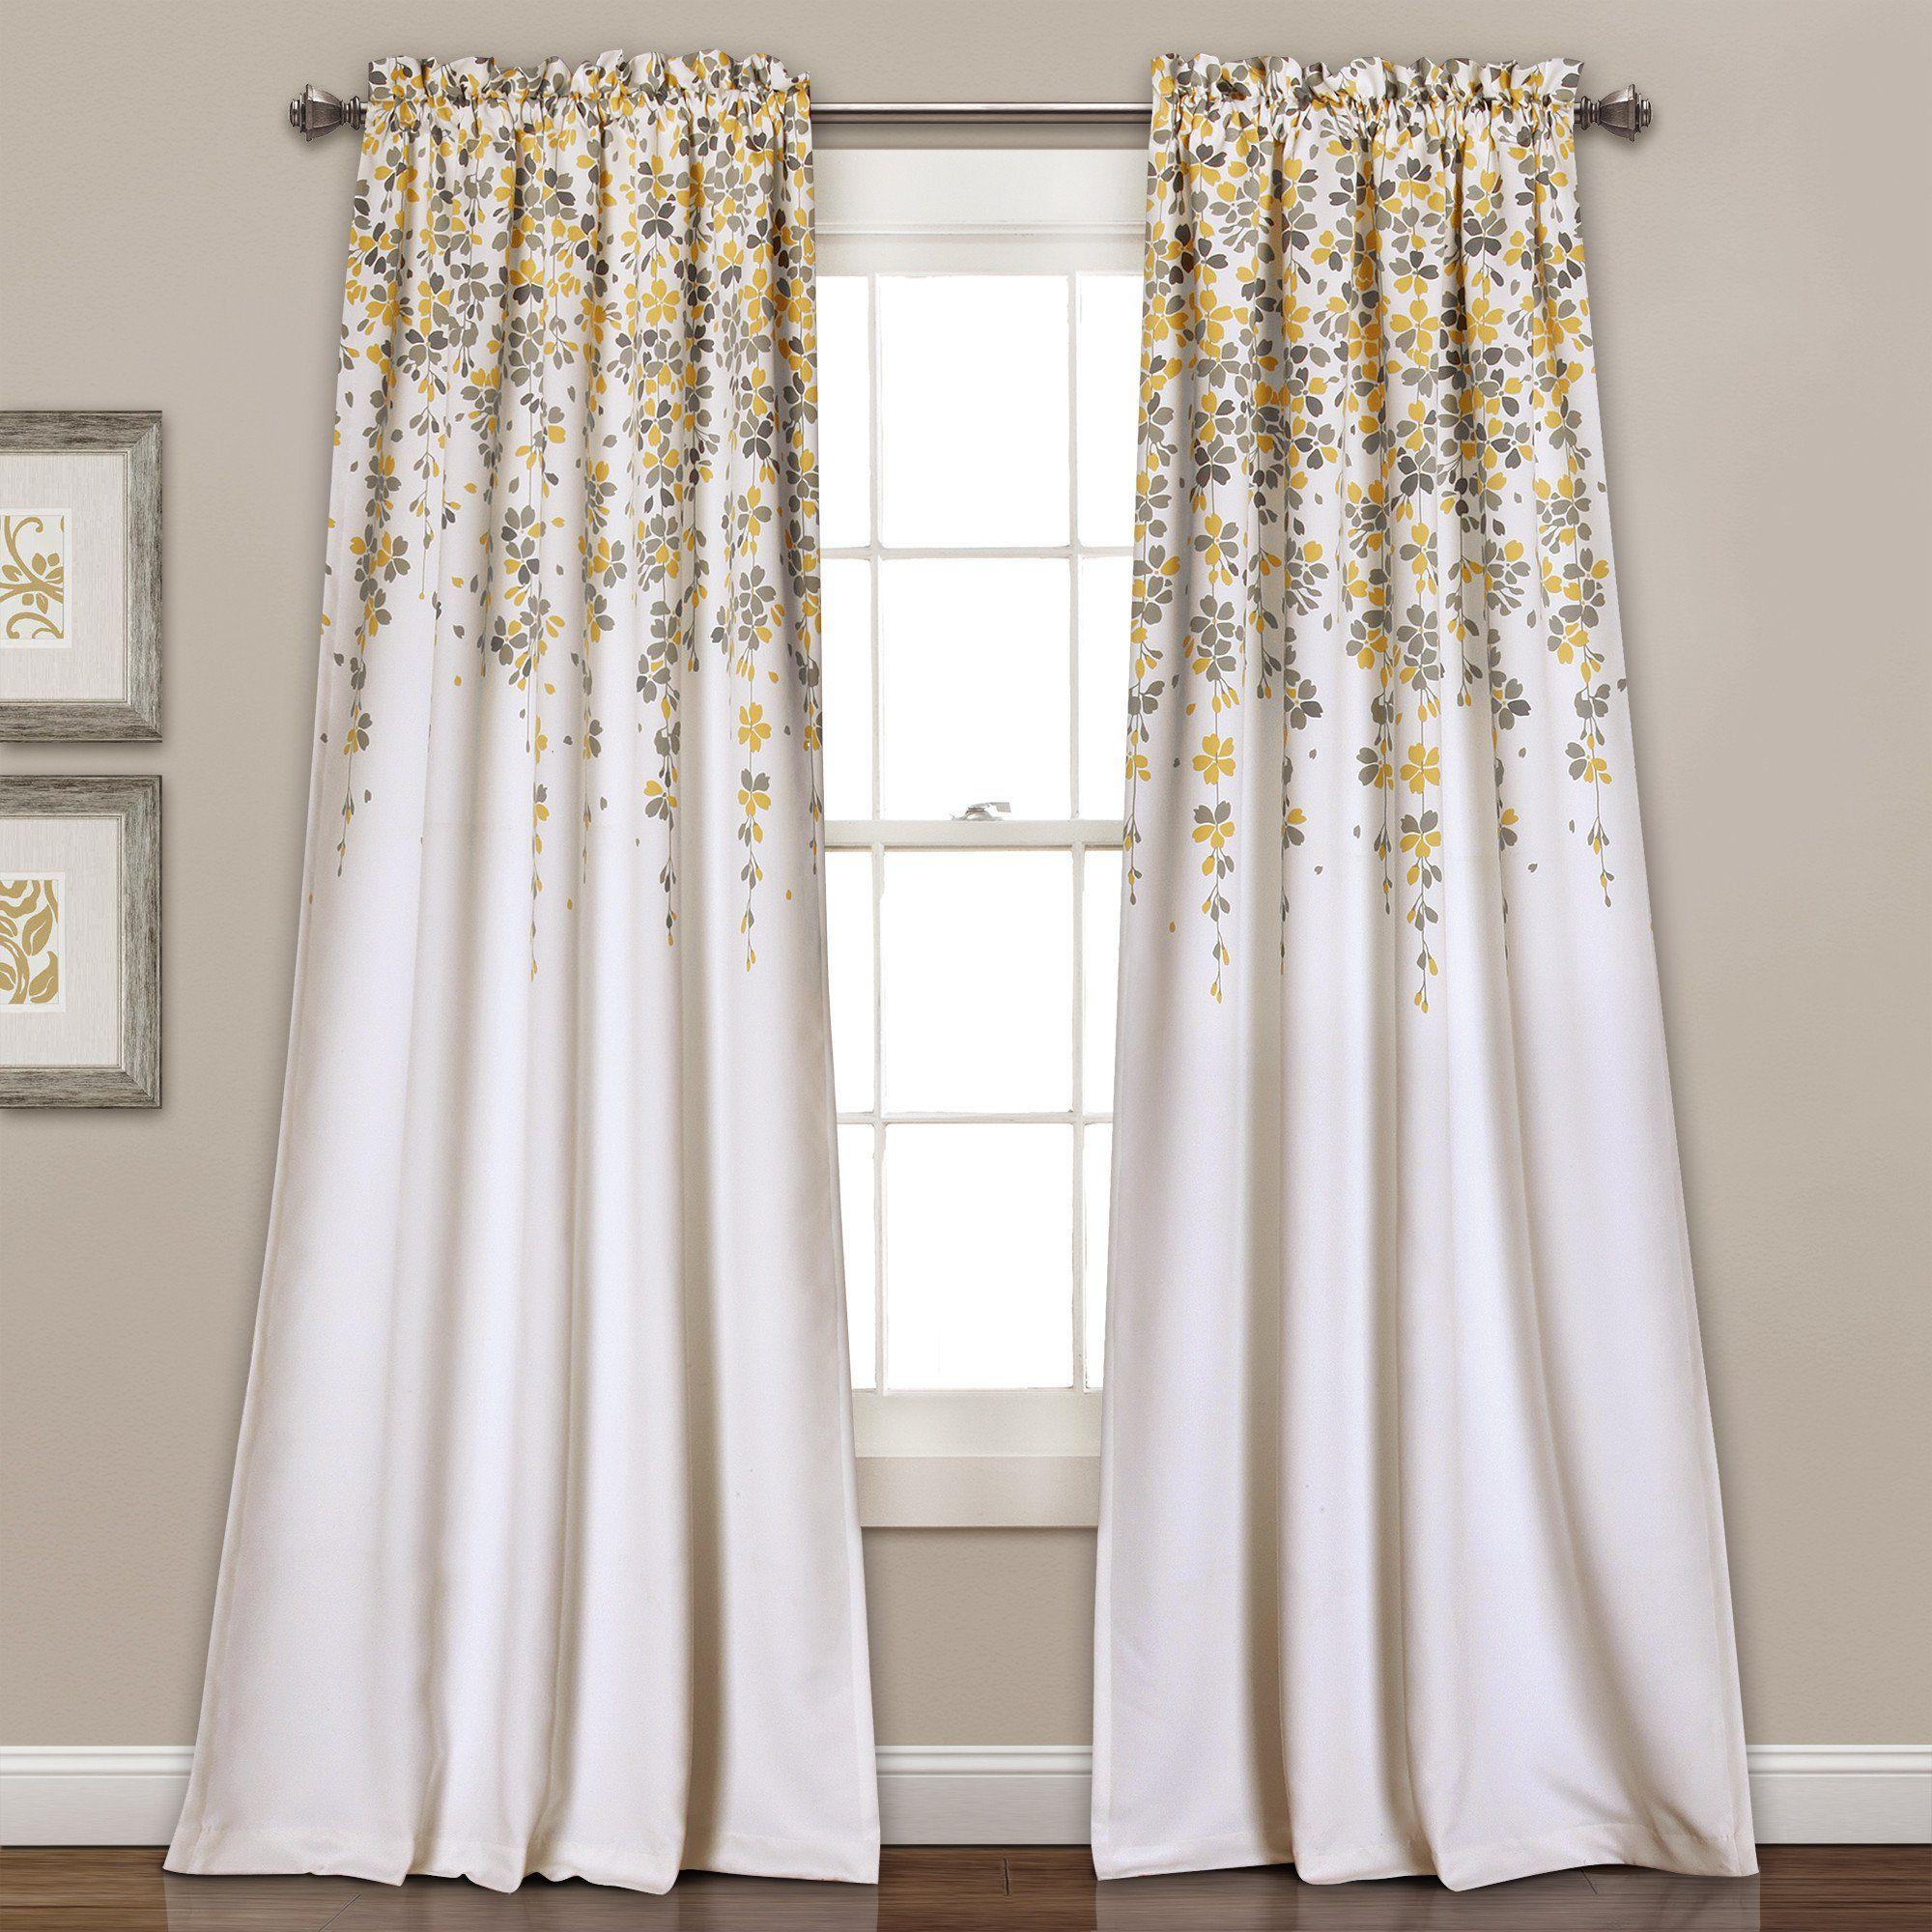 Weeping Flower Room Darkening Window Curtain Set Room Darkening Curtains Yellow Gray Room Panel Curtains